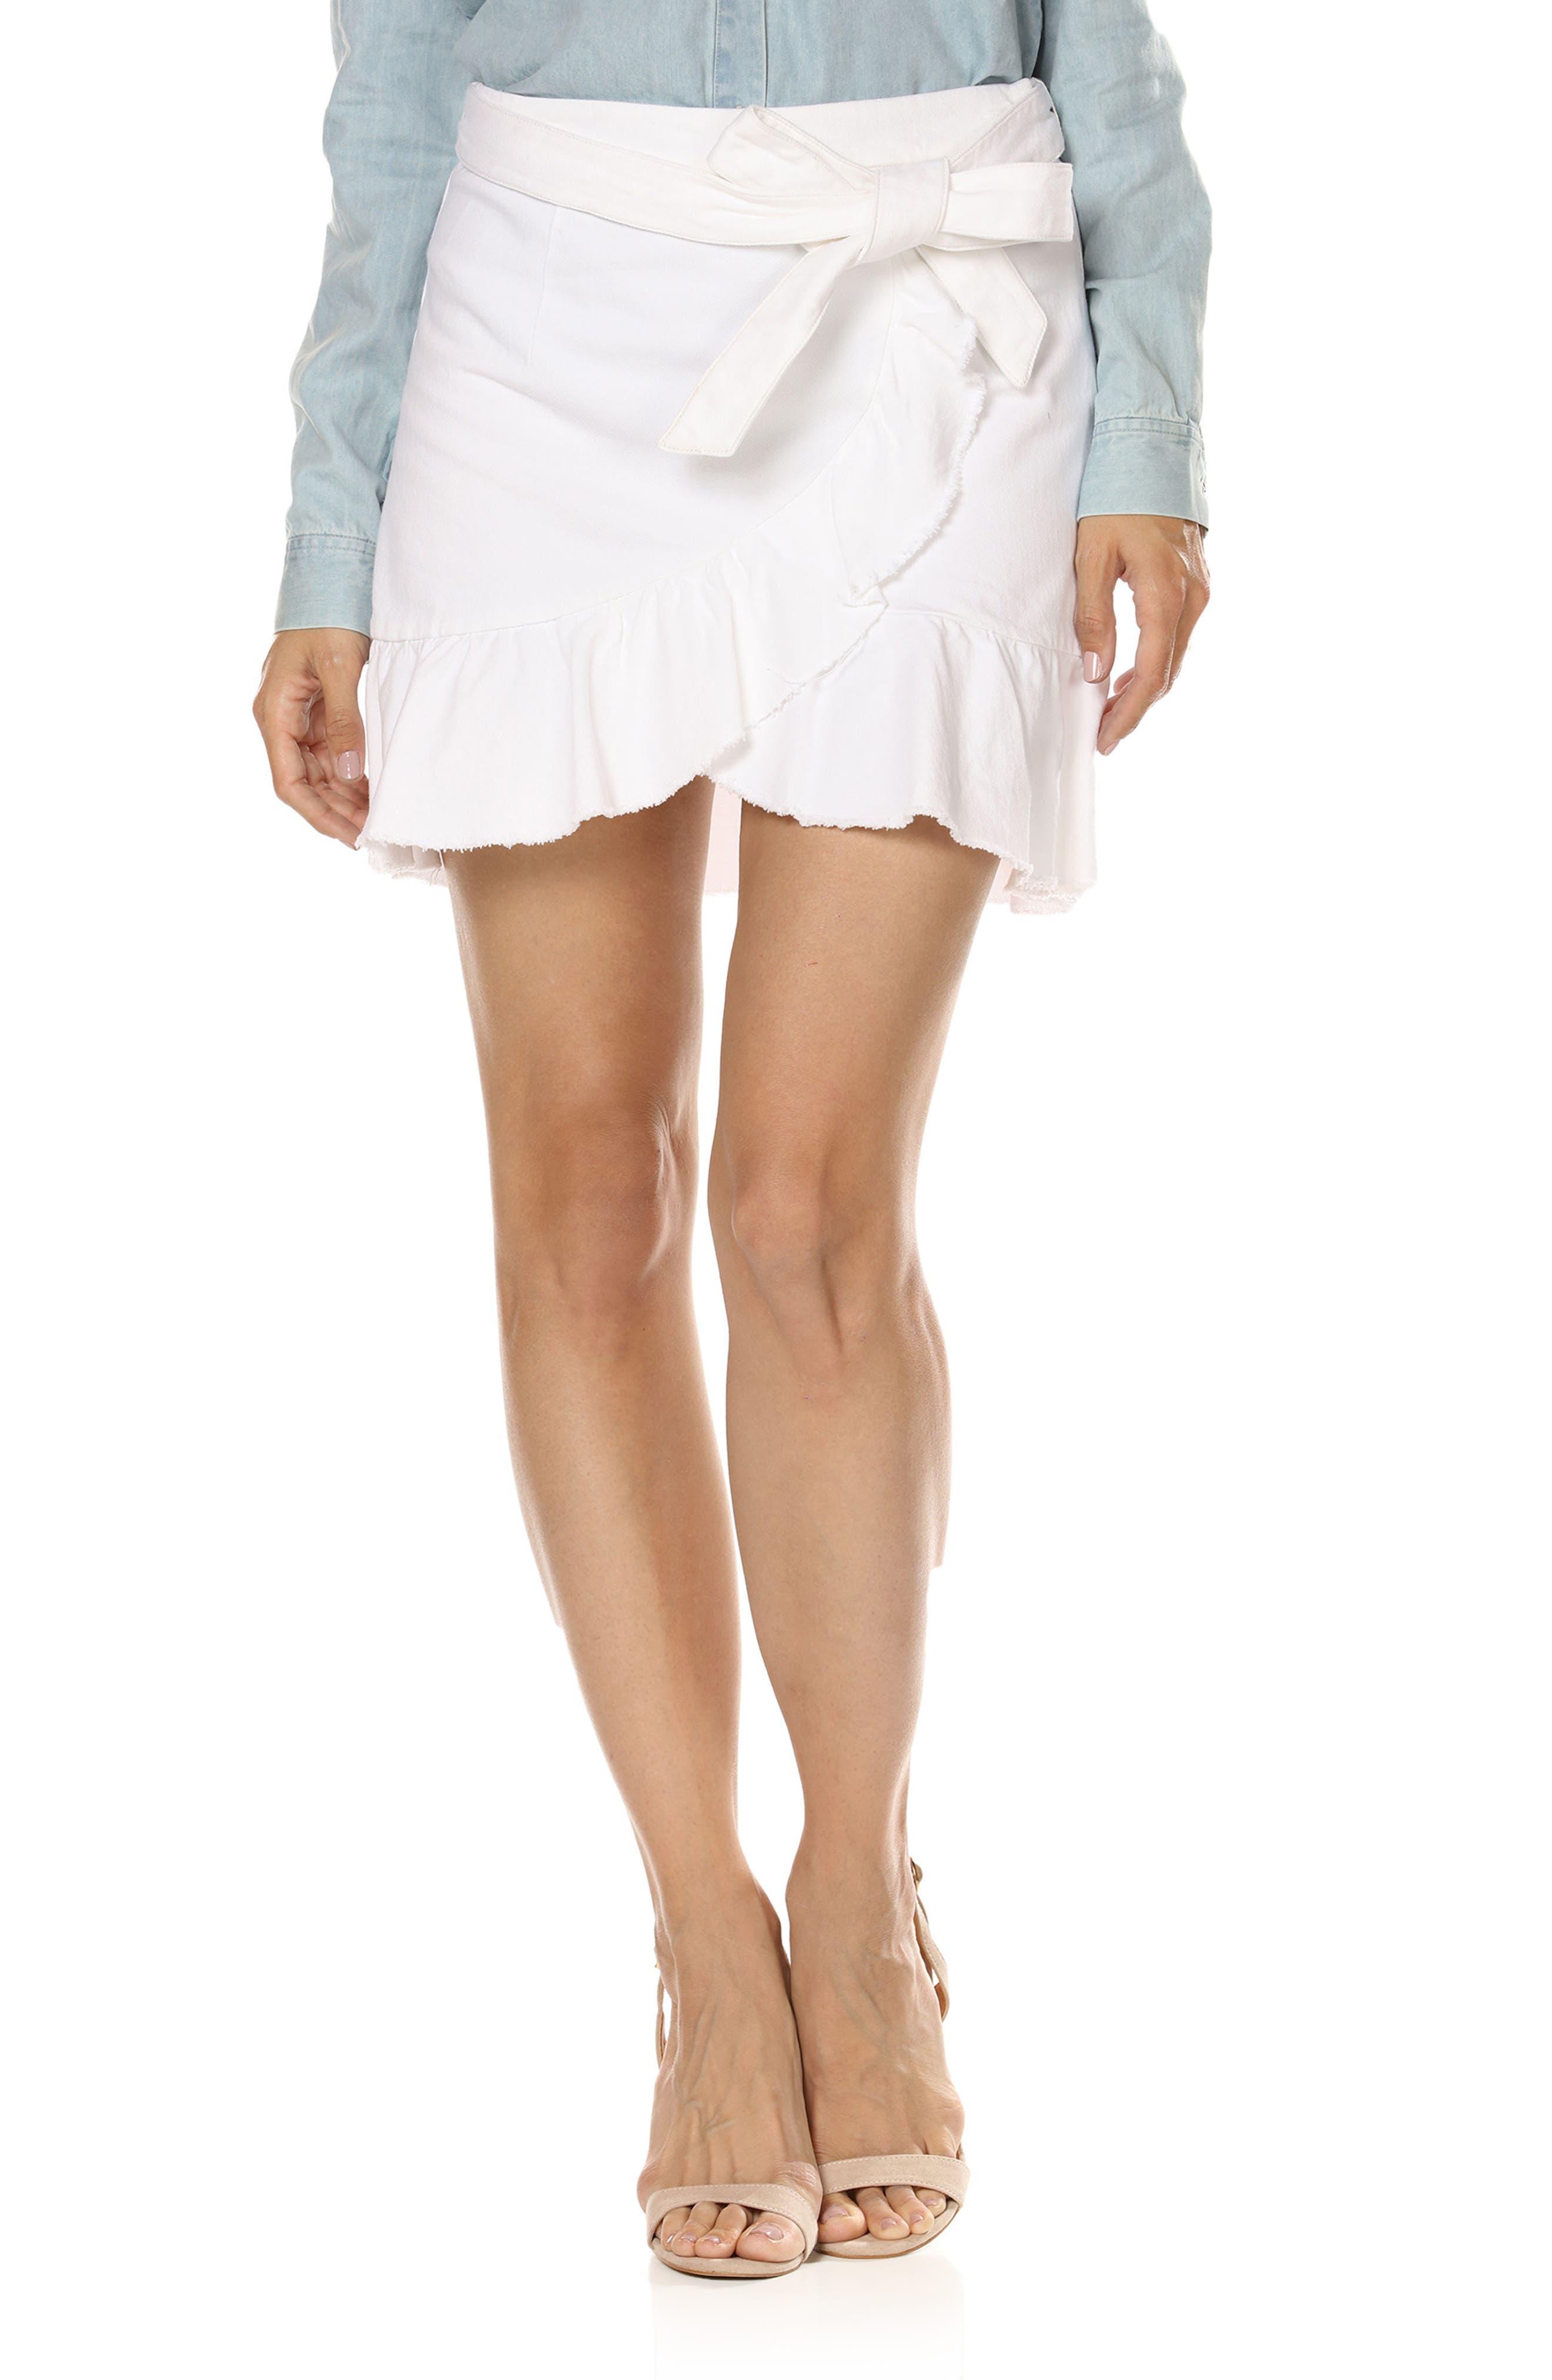 Nivelle Ruffle Denim Skirt,                             Main thumbnail 1, color,                             Crisp White